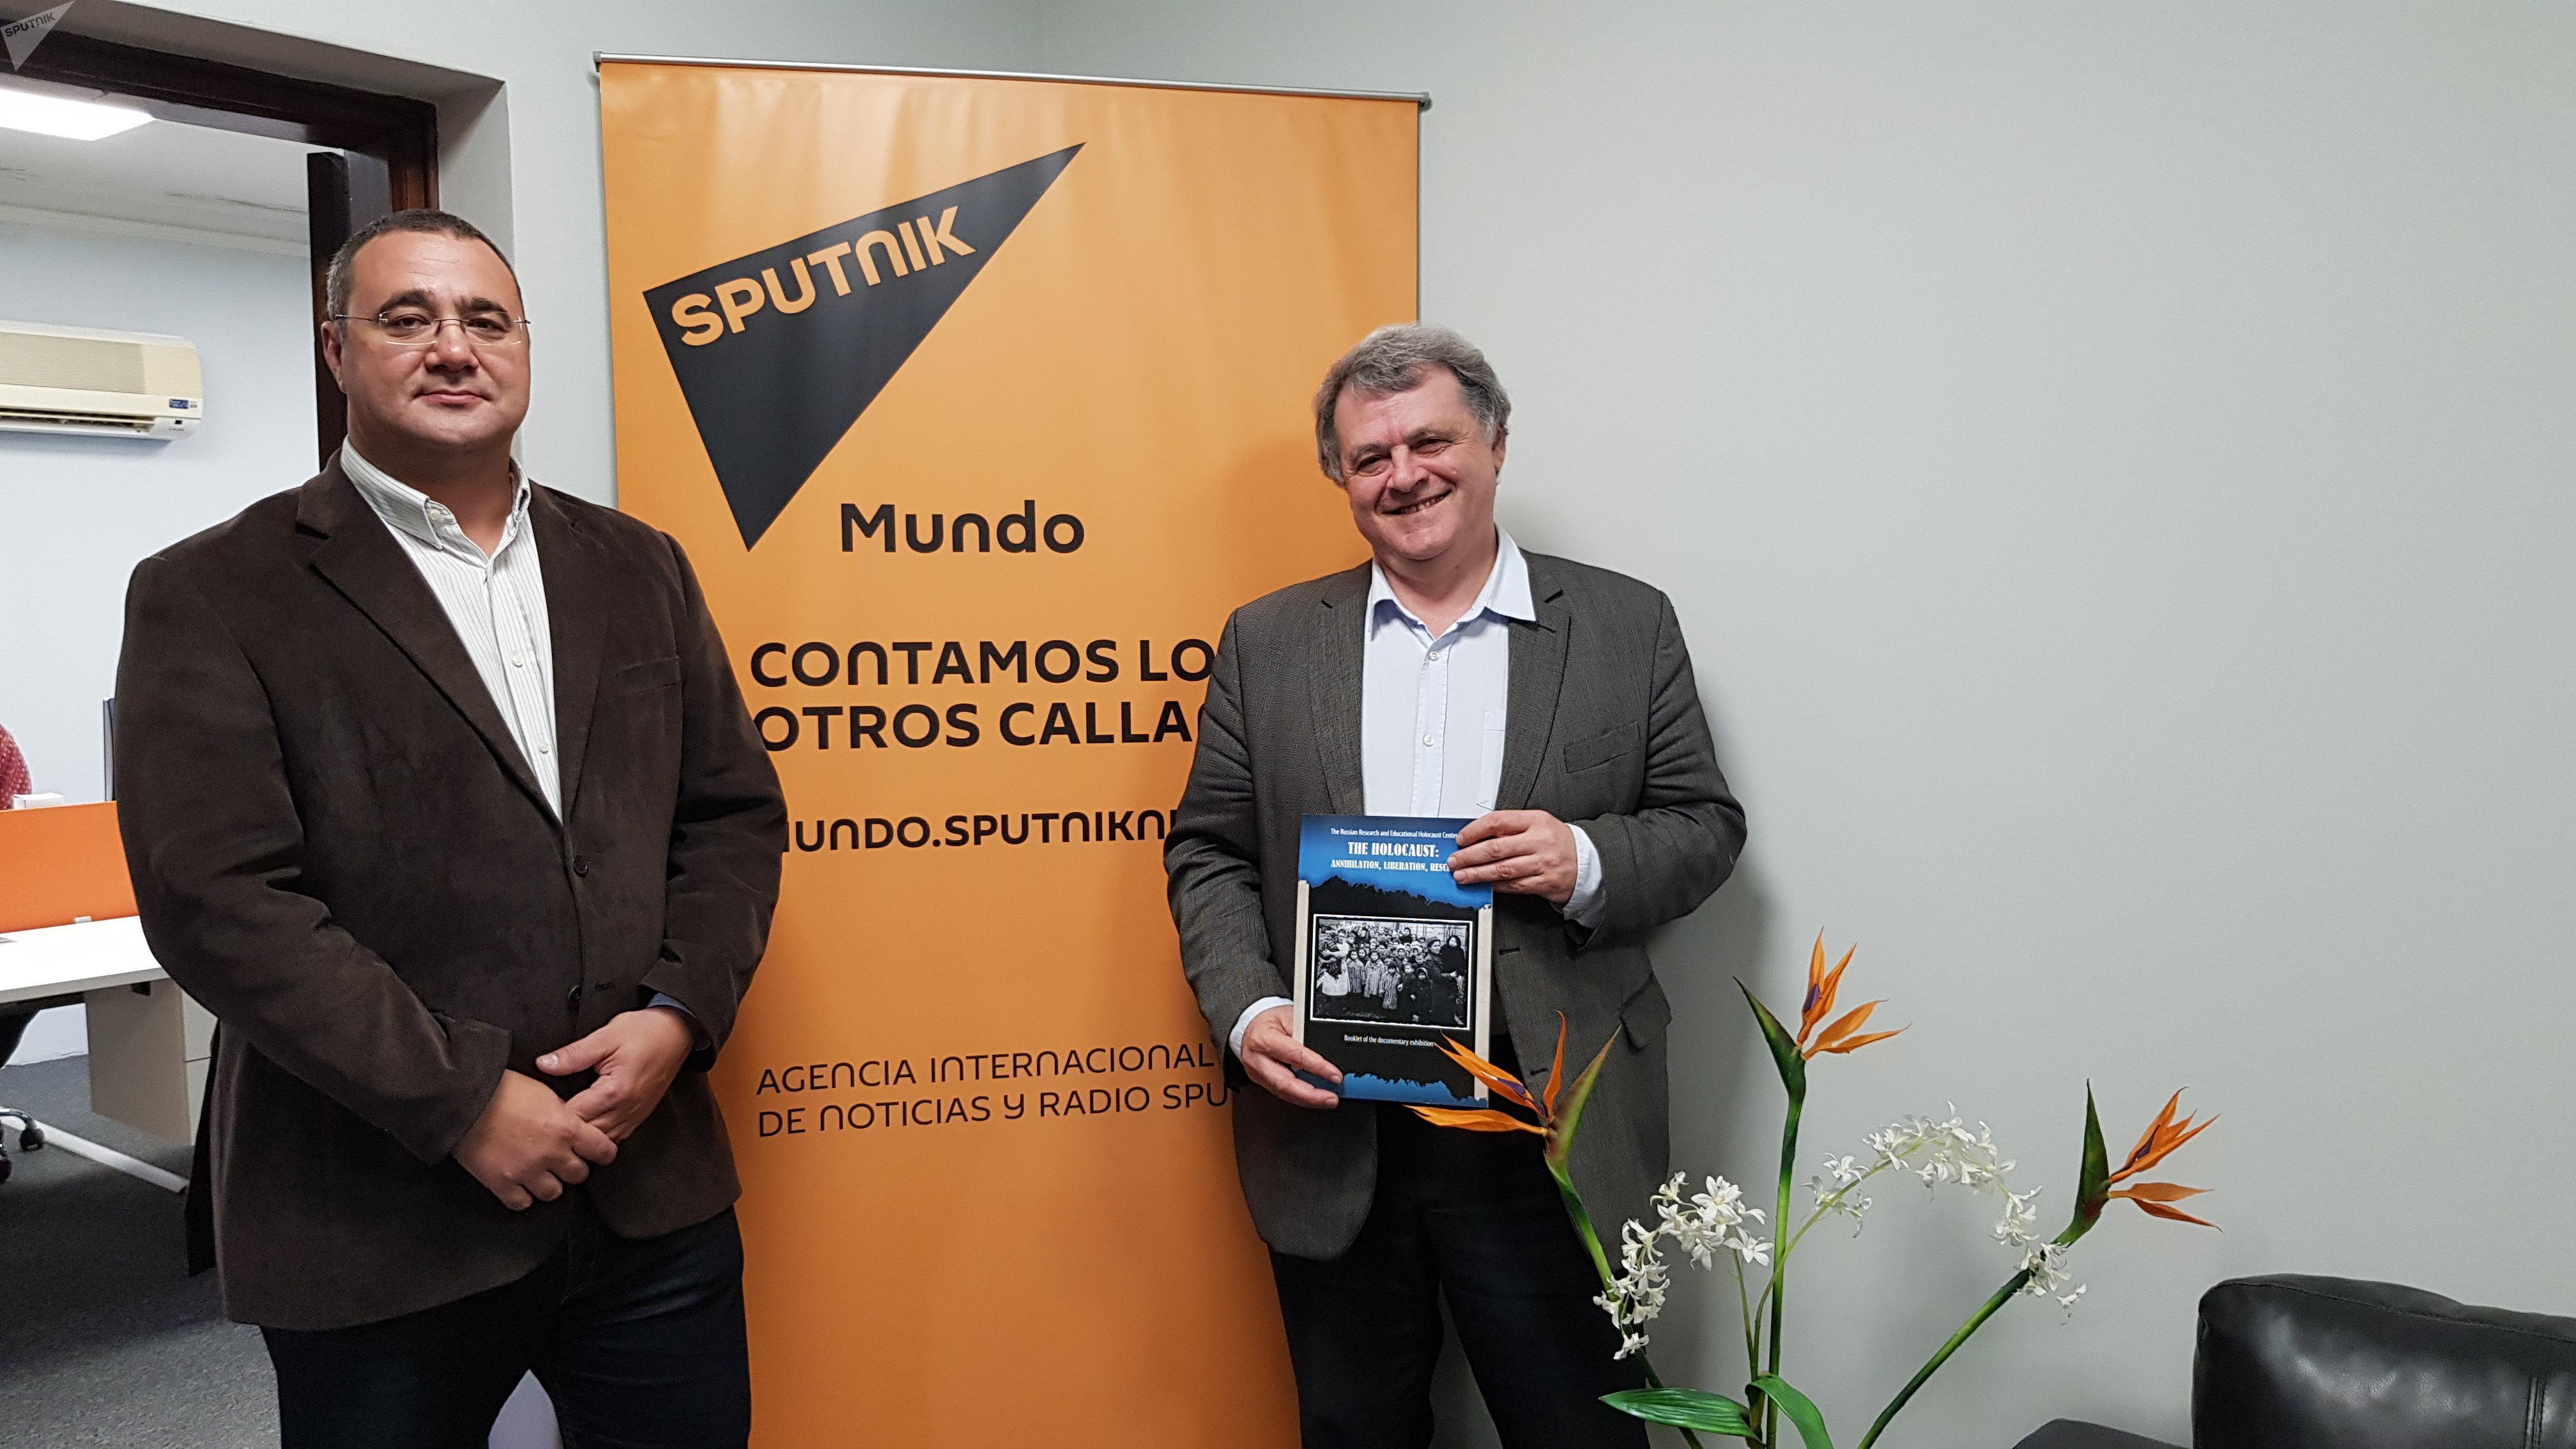 Ilya Altman con Oleg Vyazmitinov, director de la oficina de representación de Sputnik en Montevideo